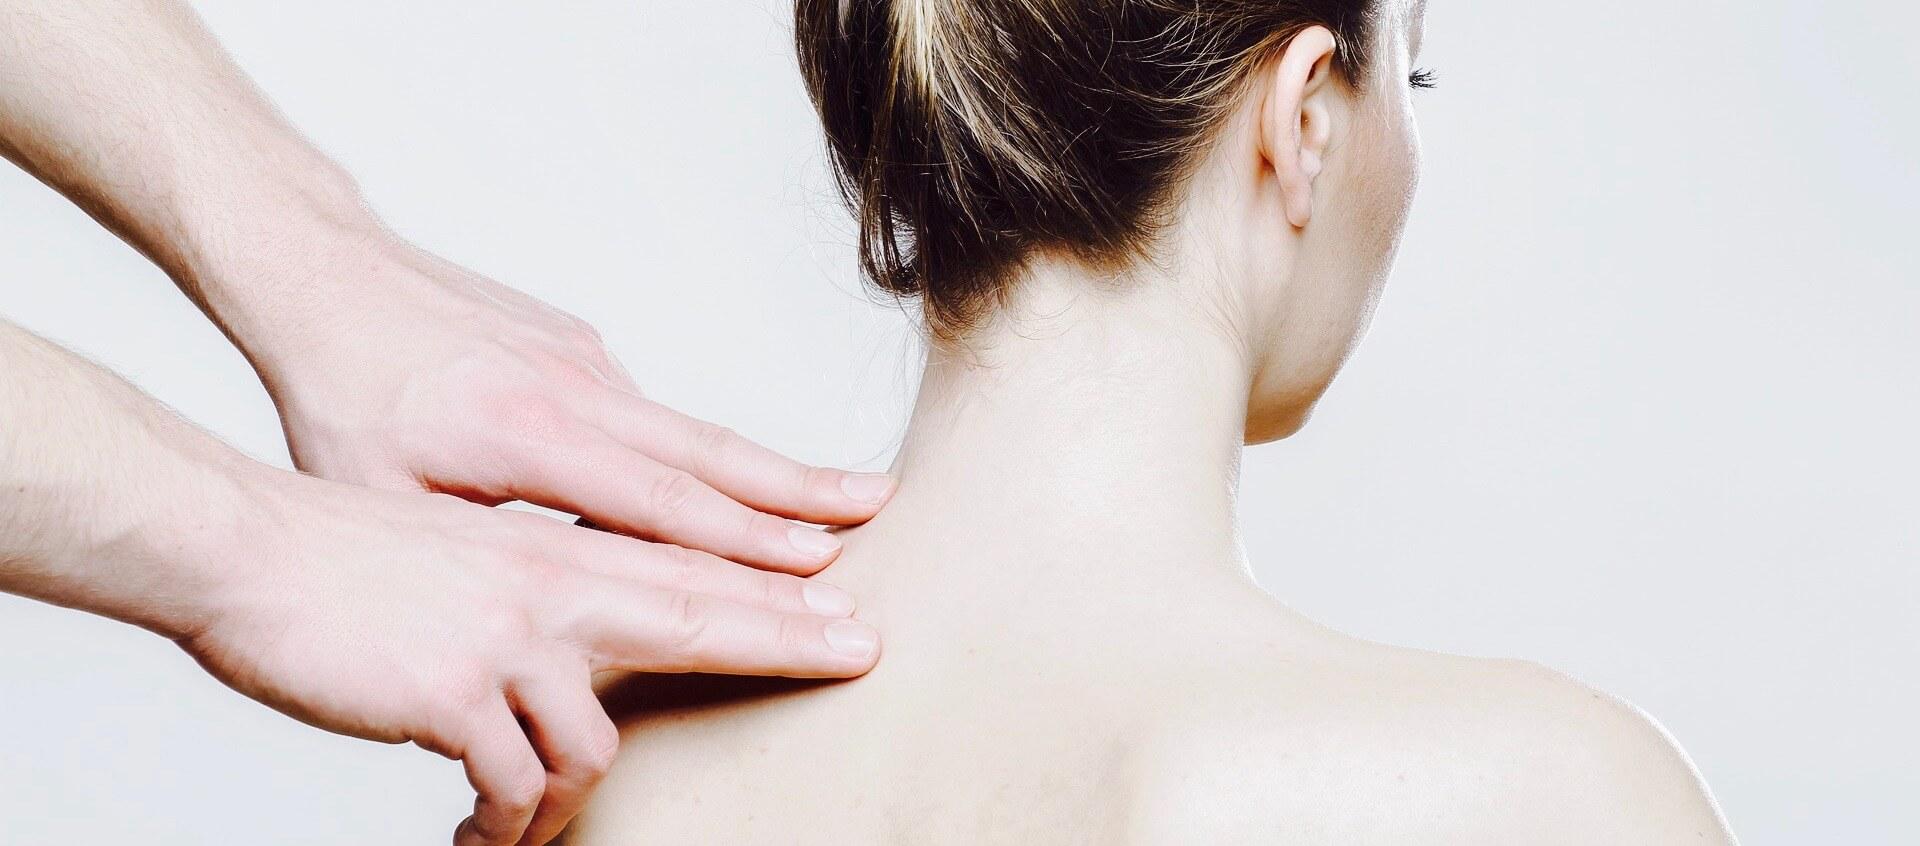 rugpijn en acupunctuur